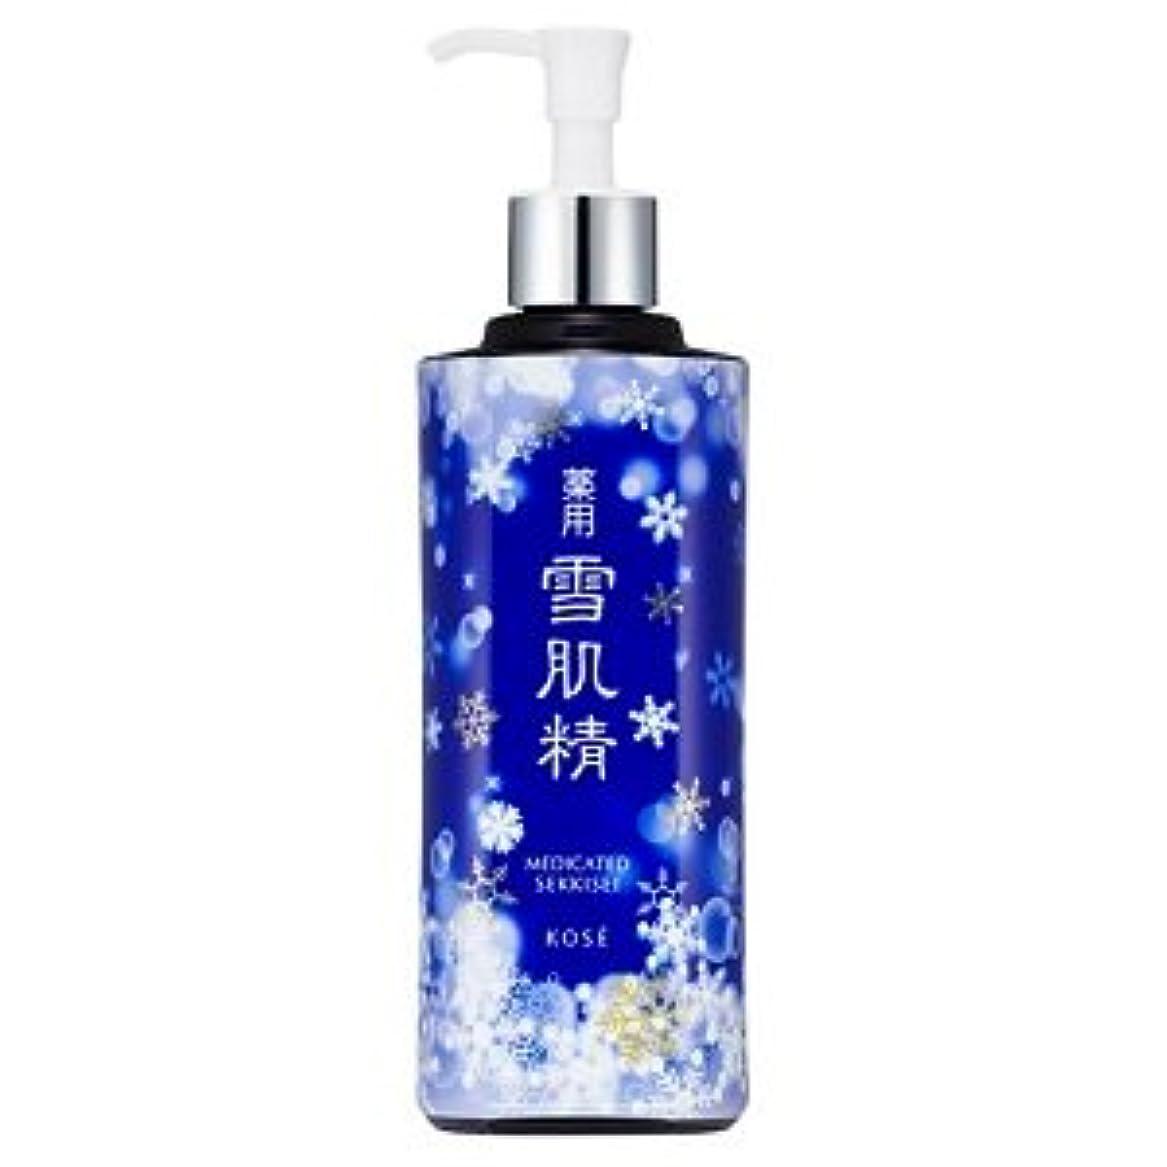 コーセー 雪肌精 薬用 雪肌精 2016 Winterデザイン 500ml